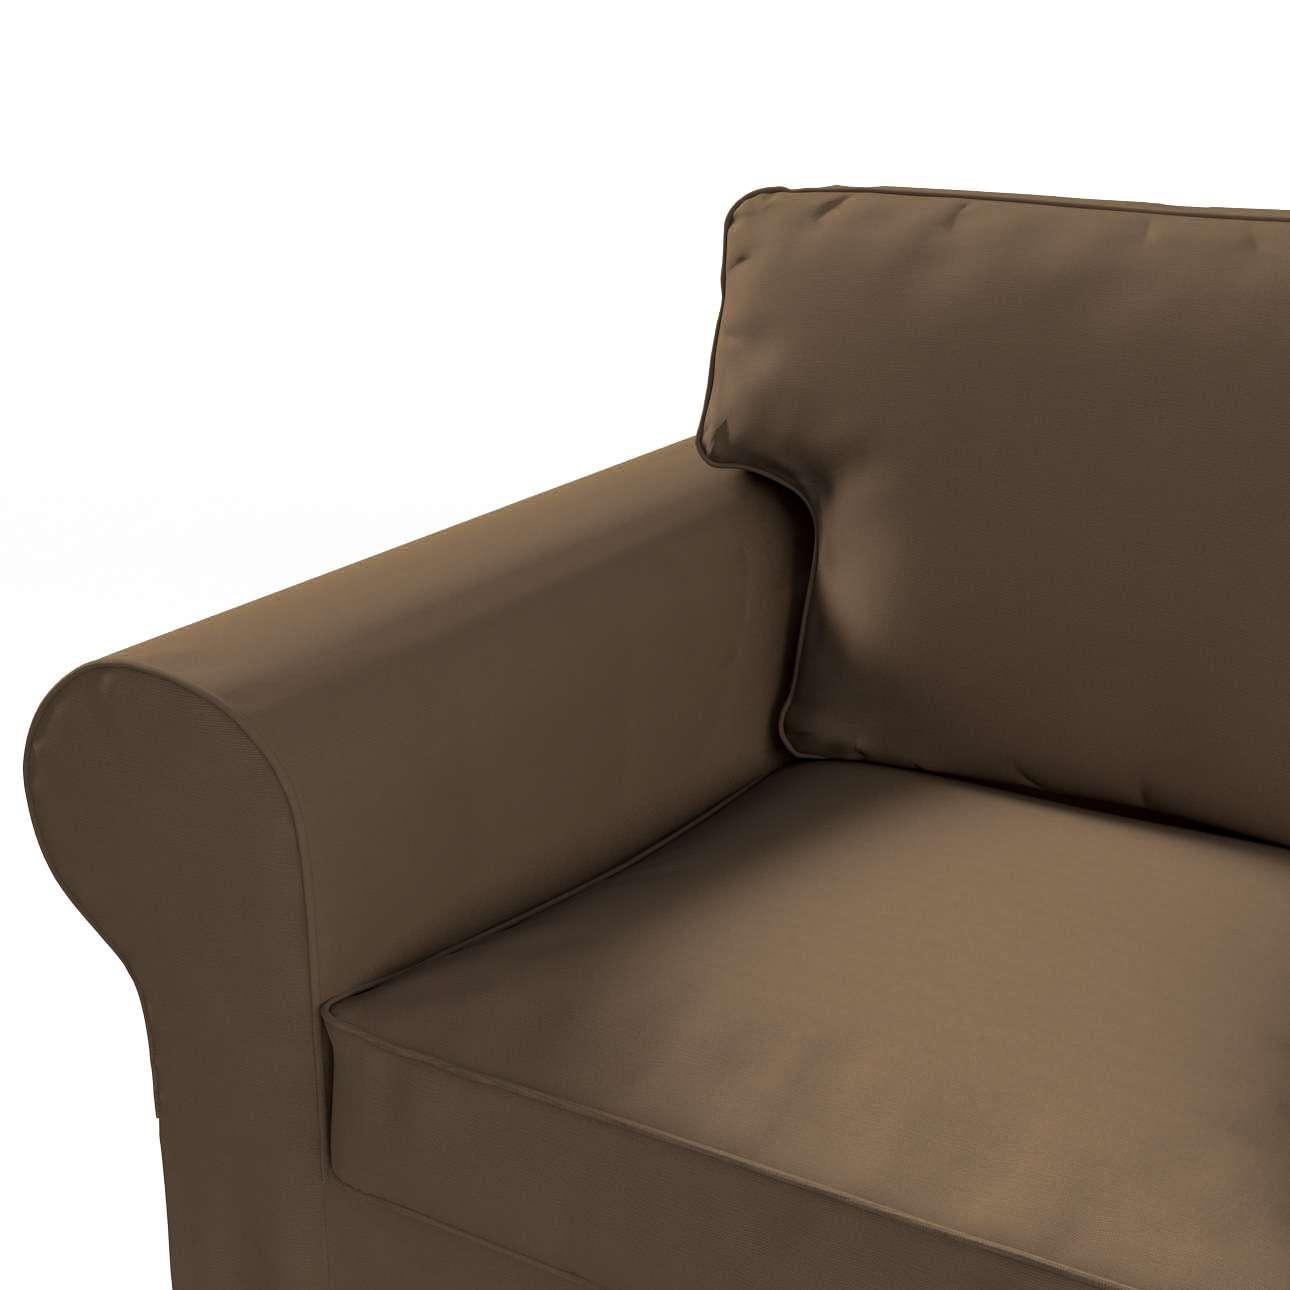 Pokrowiec na sofę Ektorp 3-osobową, rozkładaną STARY MODEL Sofa Ektorp 3-osobowa rozkładana w kolekcji Cotton Panama, tkanina: 702-02